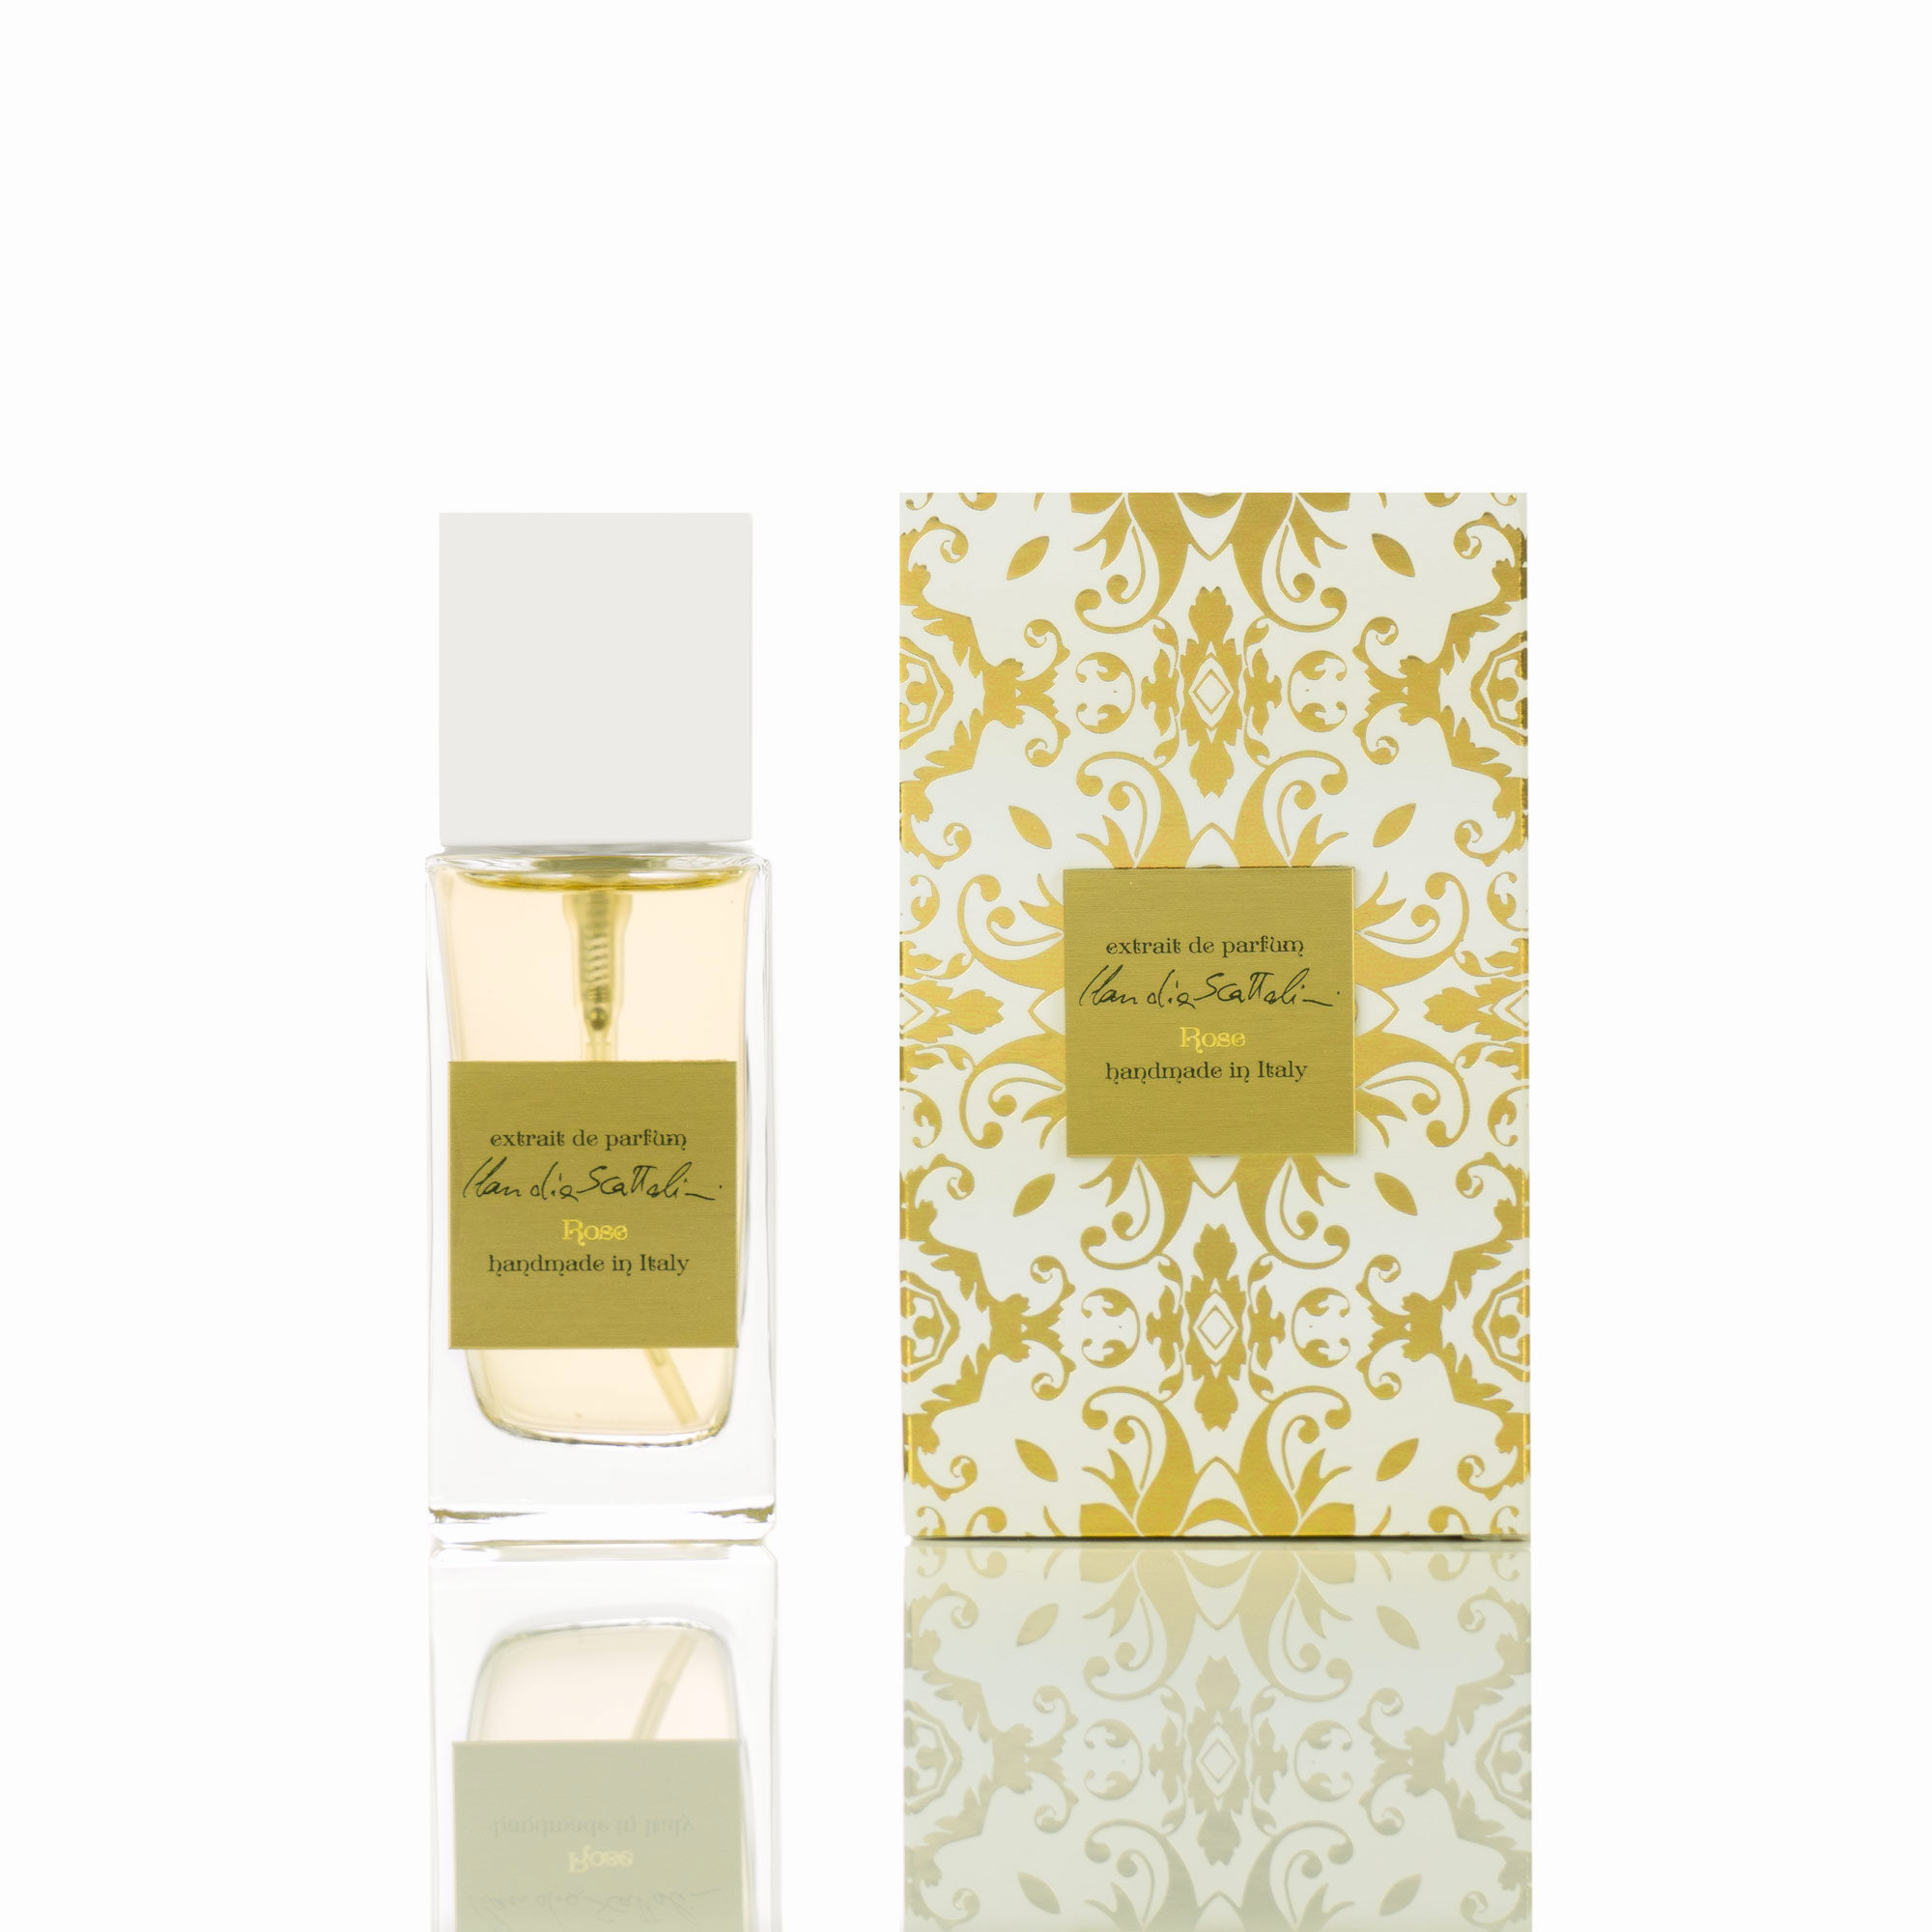 Rose - Extrait de parfum